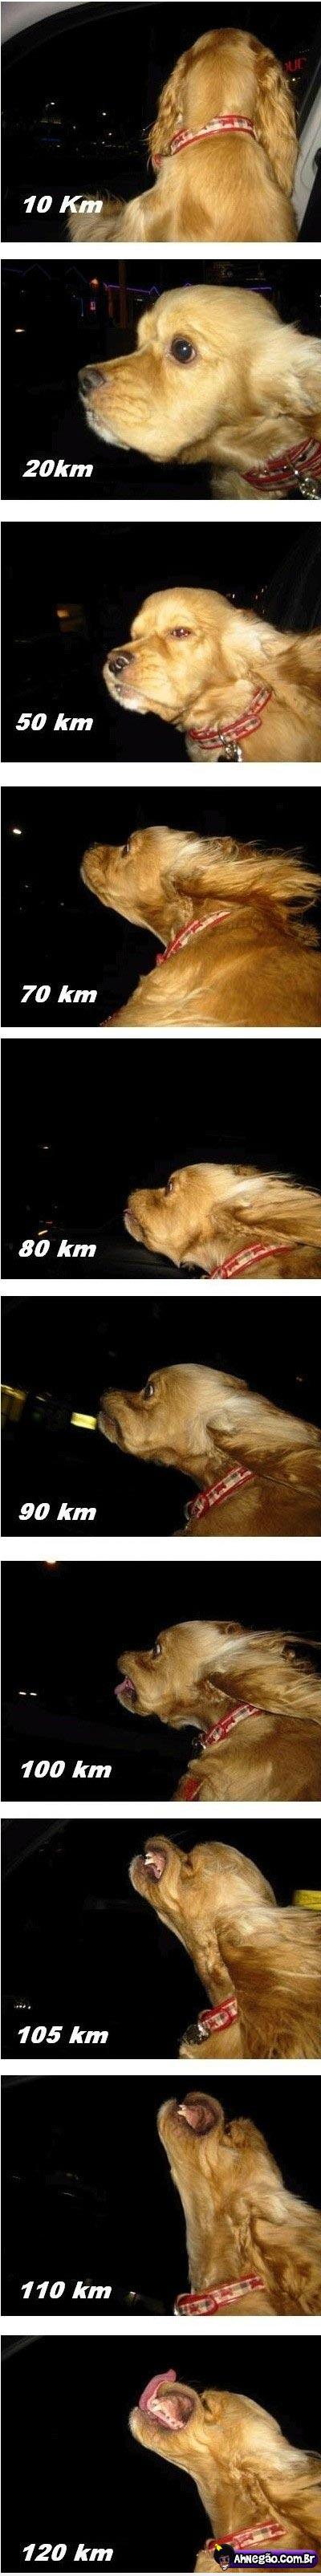 Coisas Engraçadas e Divertidas! - Página 25 Cachorro-speed